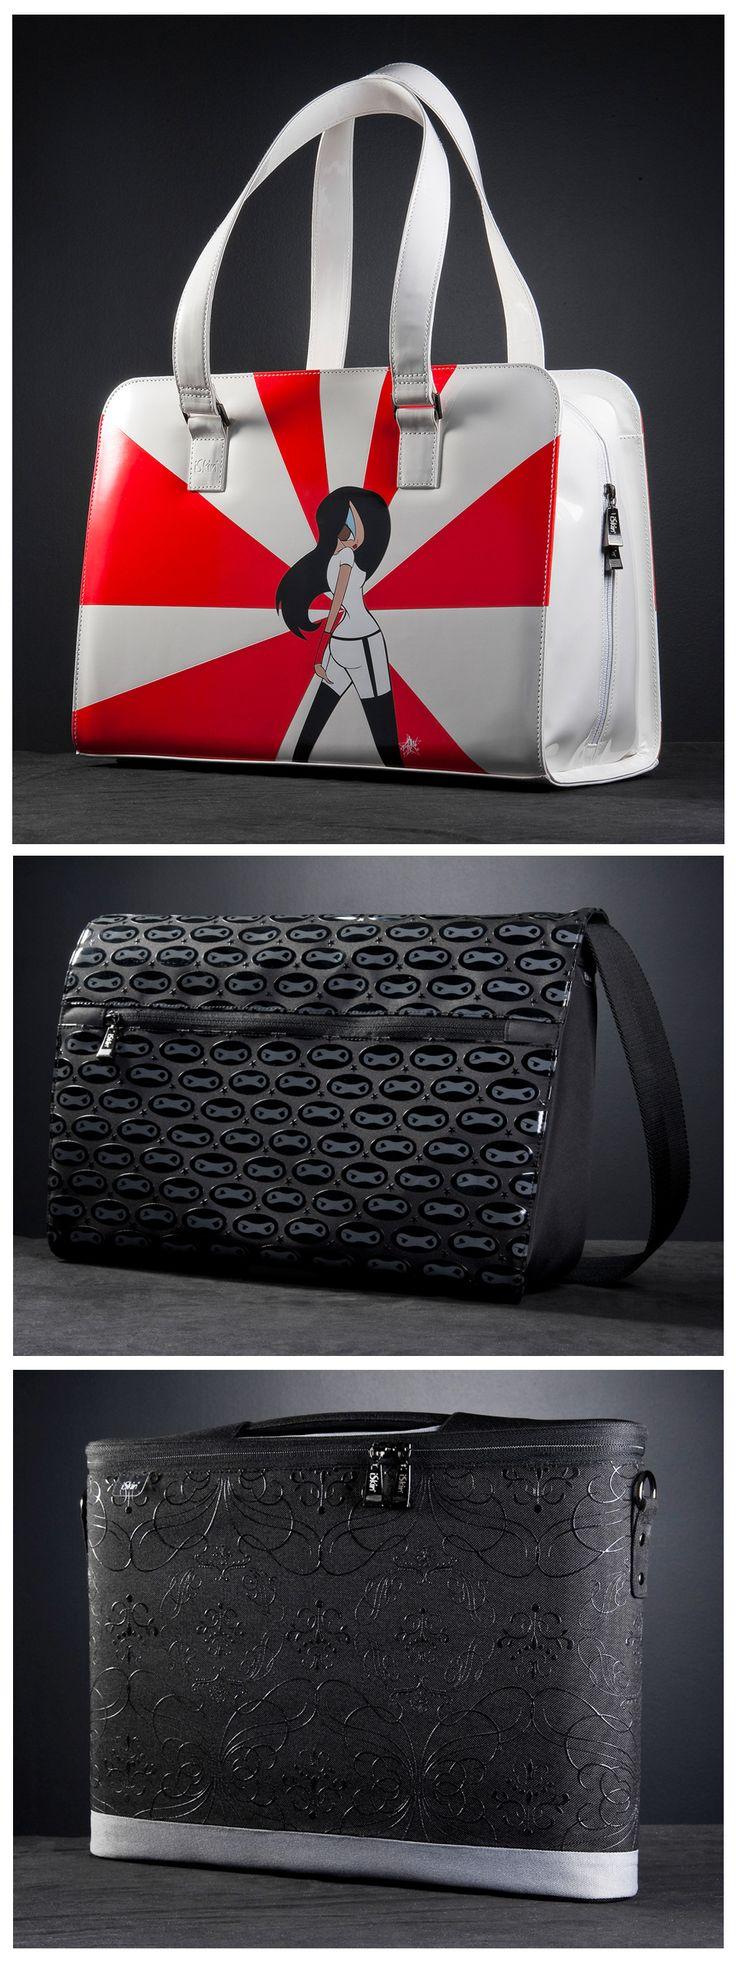 Laptop bags! Art by Esther Sanchez